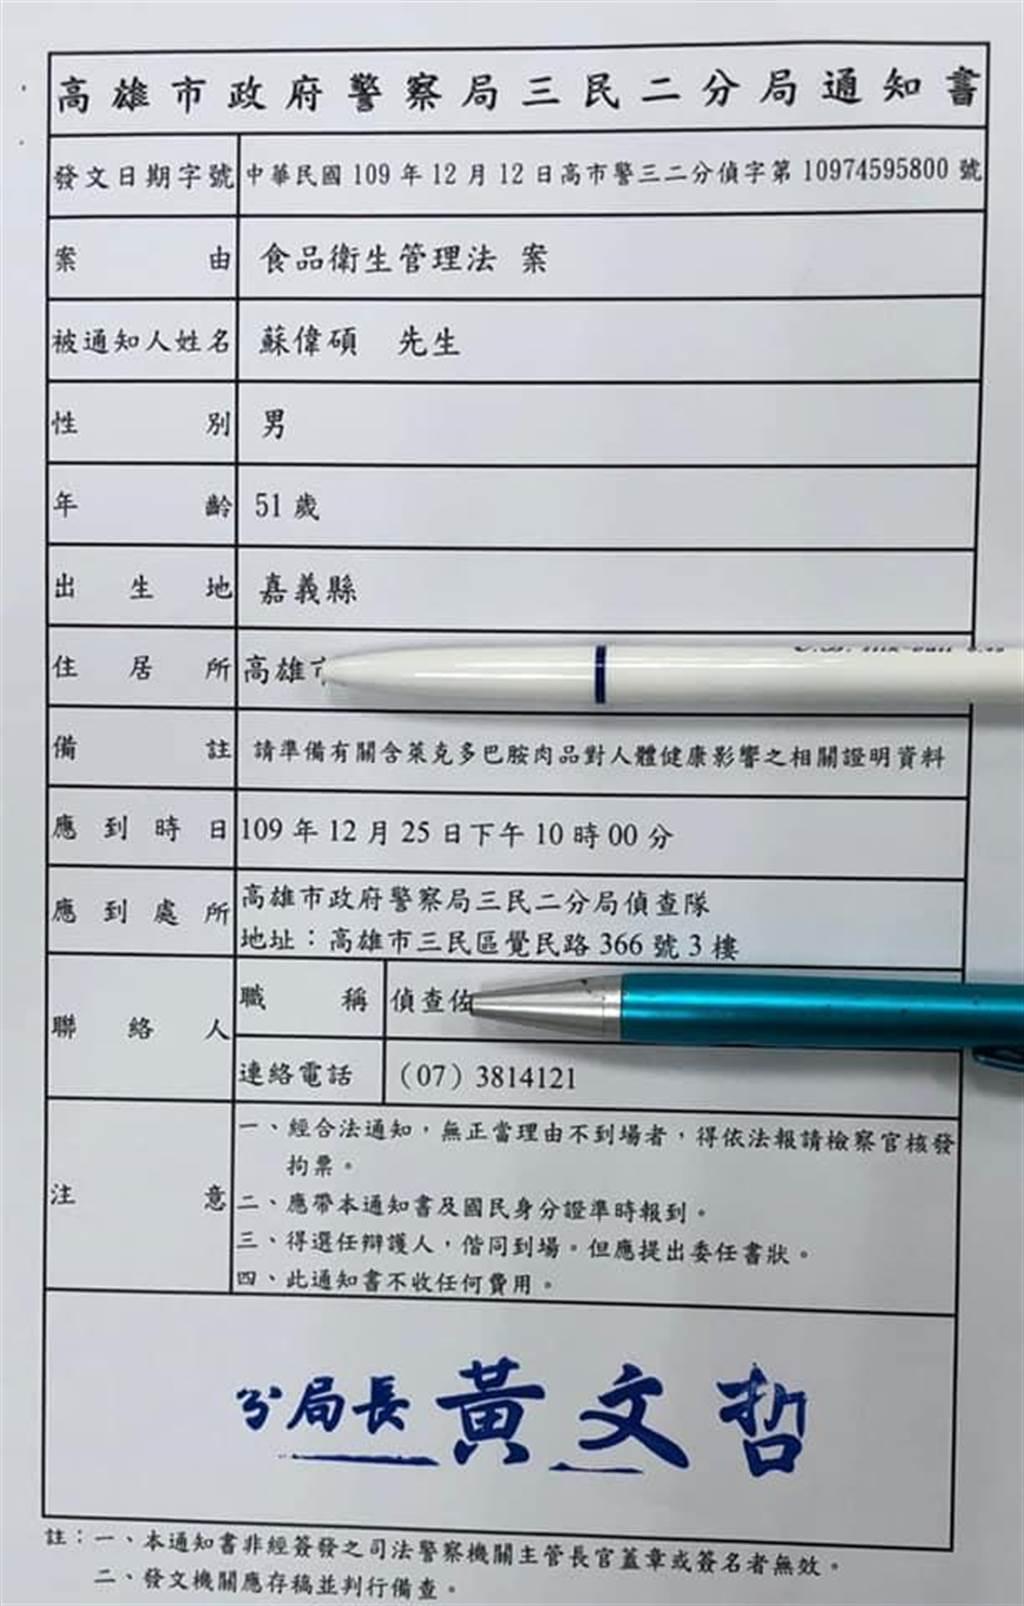 高雄榮總台南分院前主治醫師蘇偉碩公開反萊豬,高雄市政府警察局要求到案說明。(圖/摘自我+1臉書)